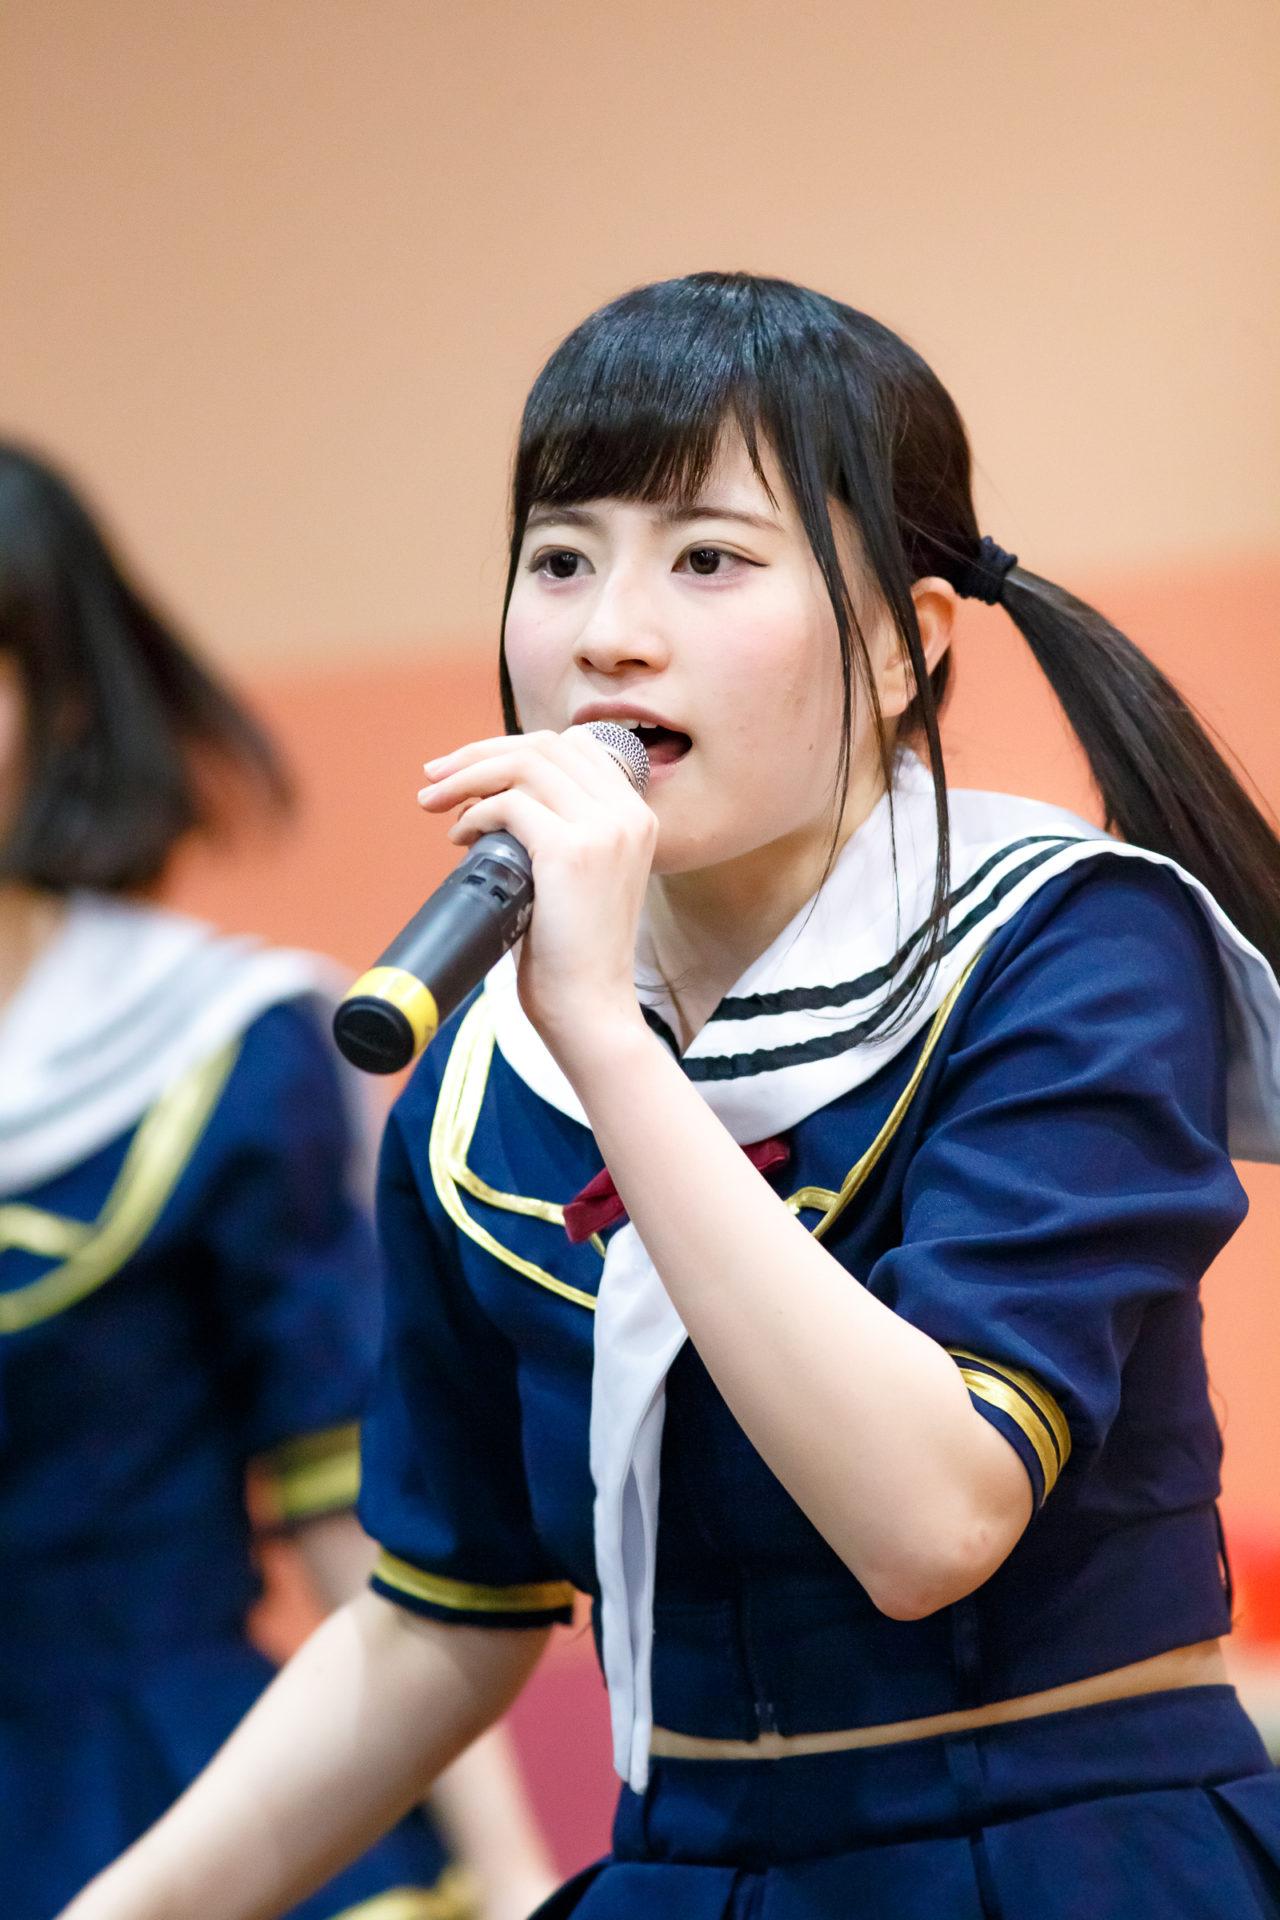 2代目HAPPY少女♪ あゆみ ( 新谷亜由美 ) | ディノスパーク×ライブプロ マンスリーLIVE vol.2